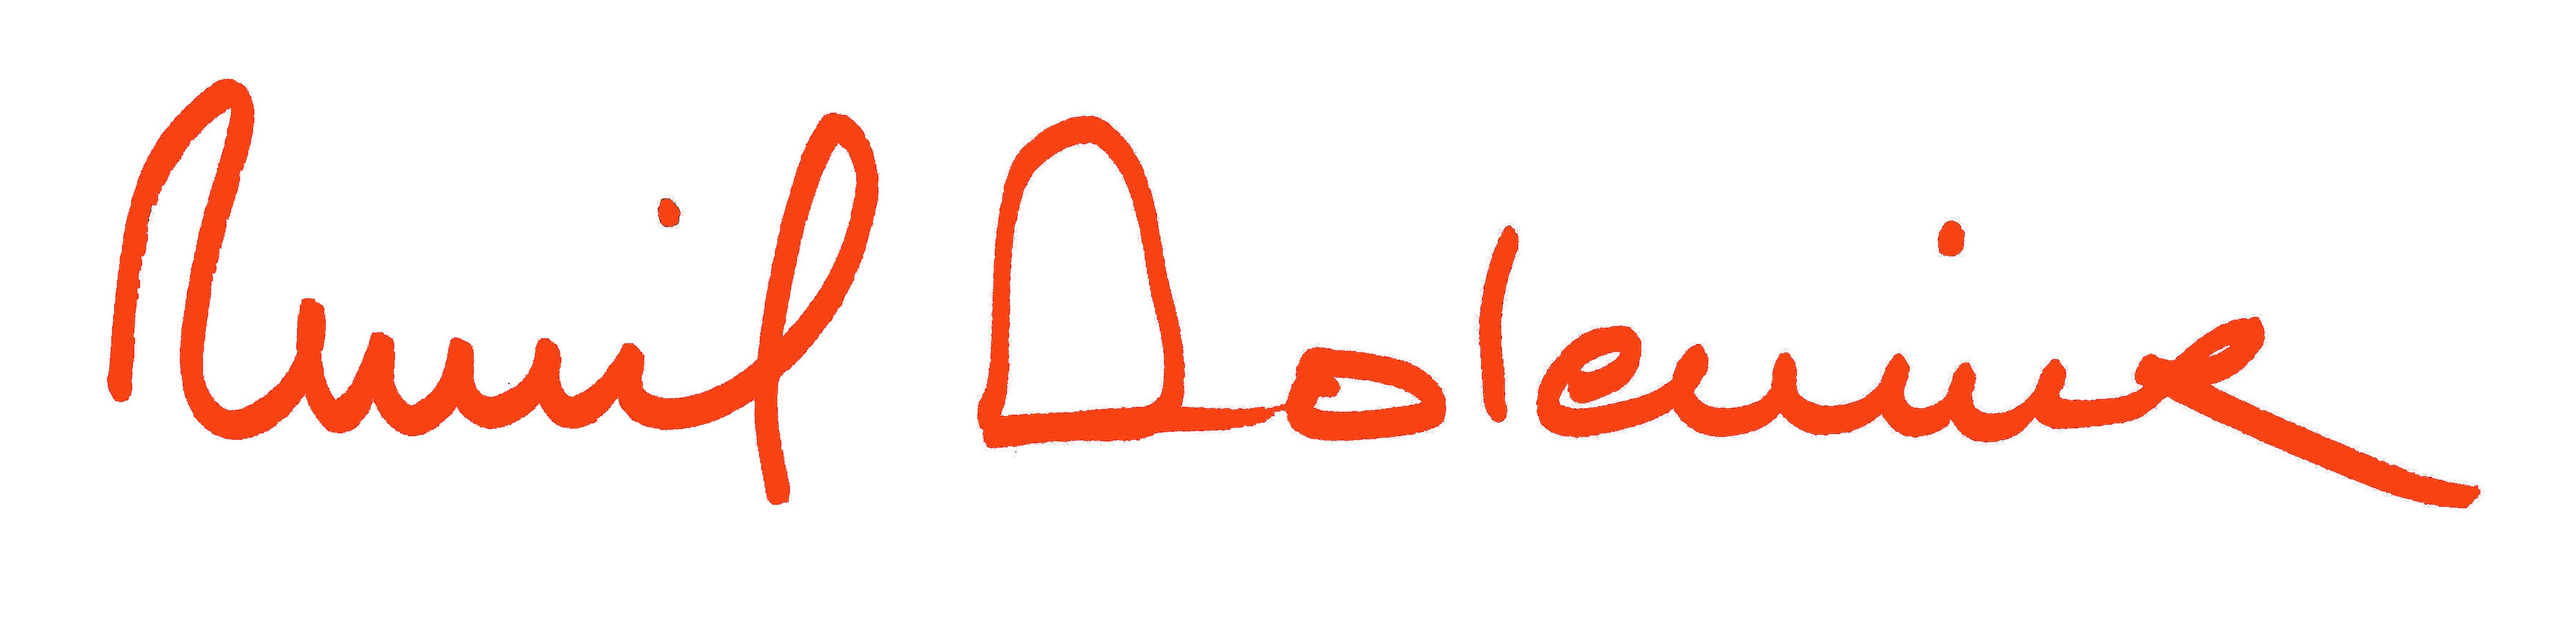 Muriel Dolemieux's Signature